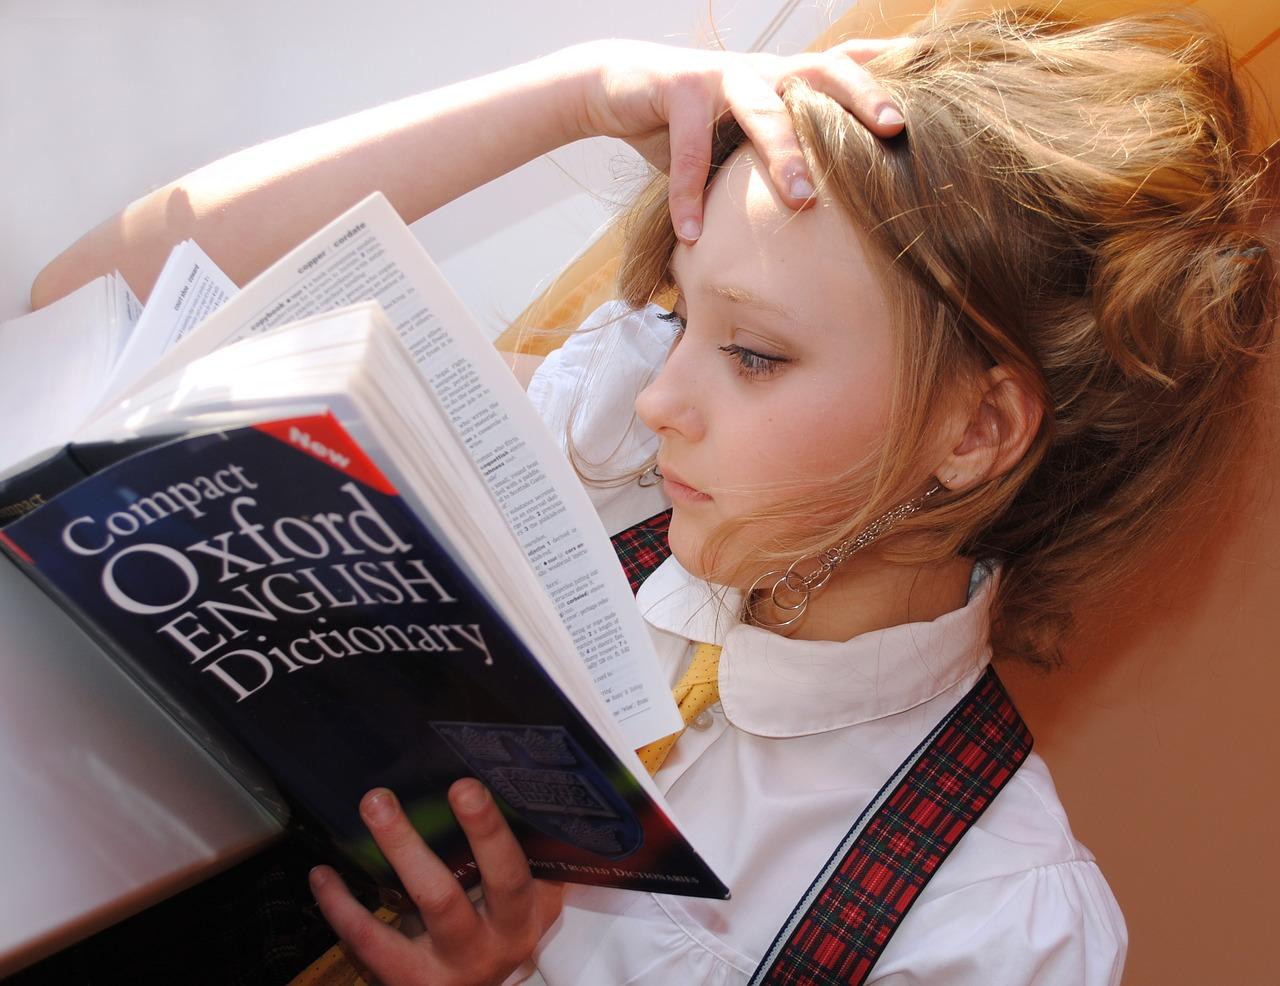 言葉を正確に使う大切さ!!「購読は無料」という言葉がおかしい!だから「読者登録(無料)」に変えた!